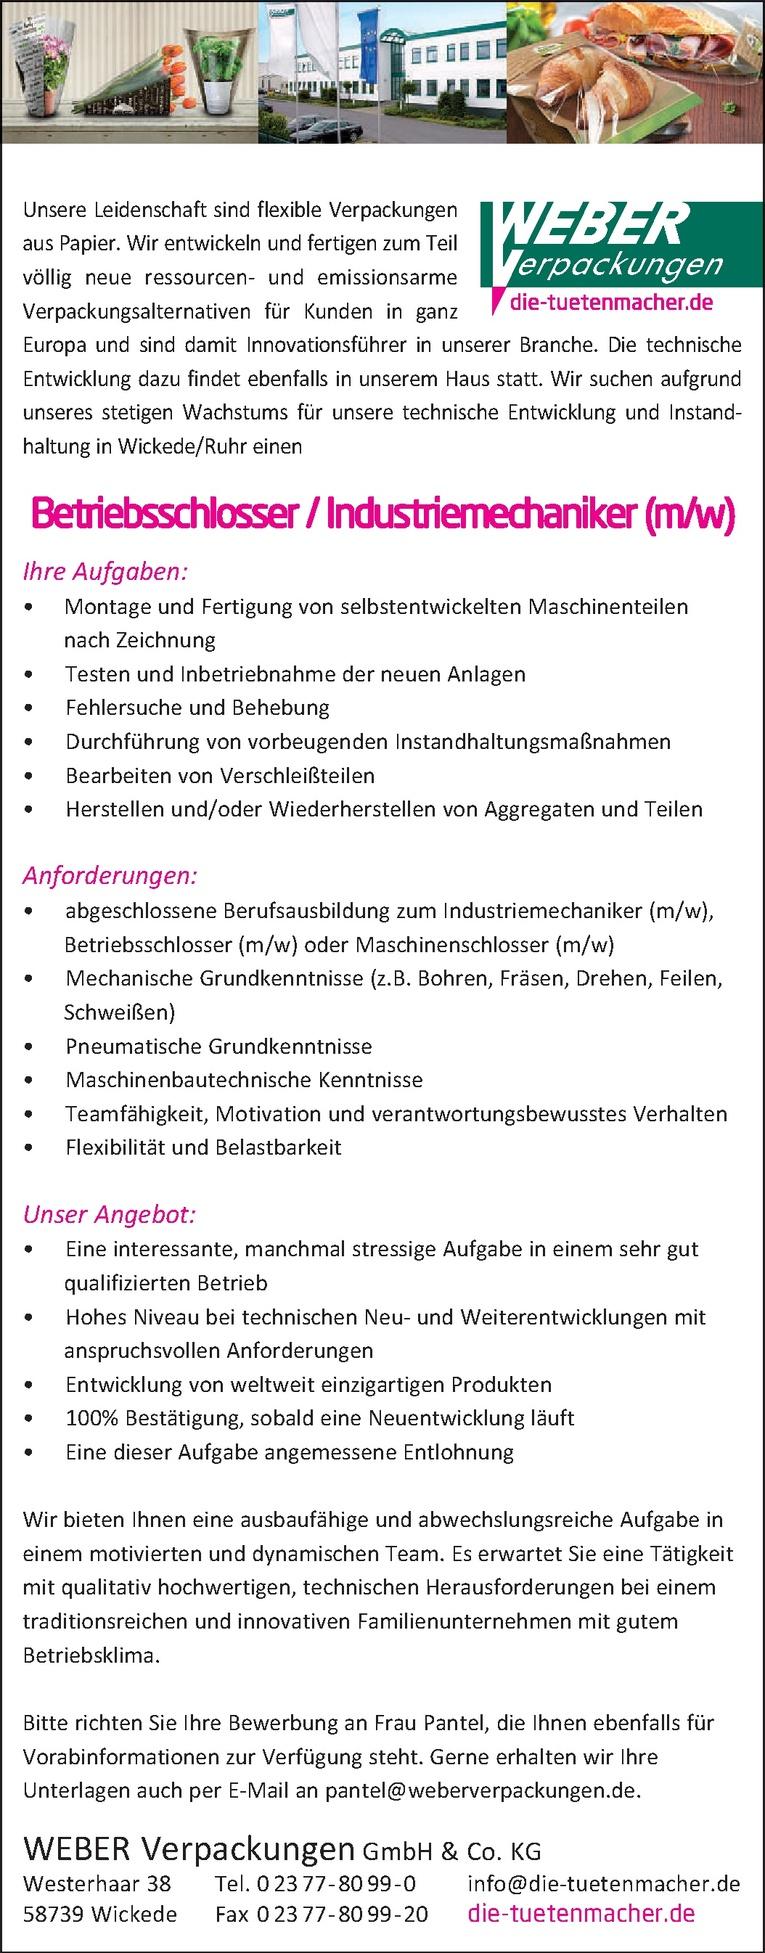 Betriebsschlosser / Industriemechaniker (m/w)